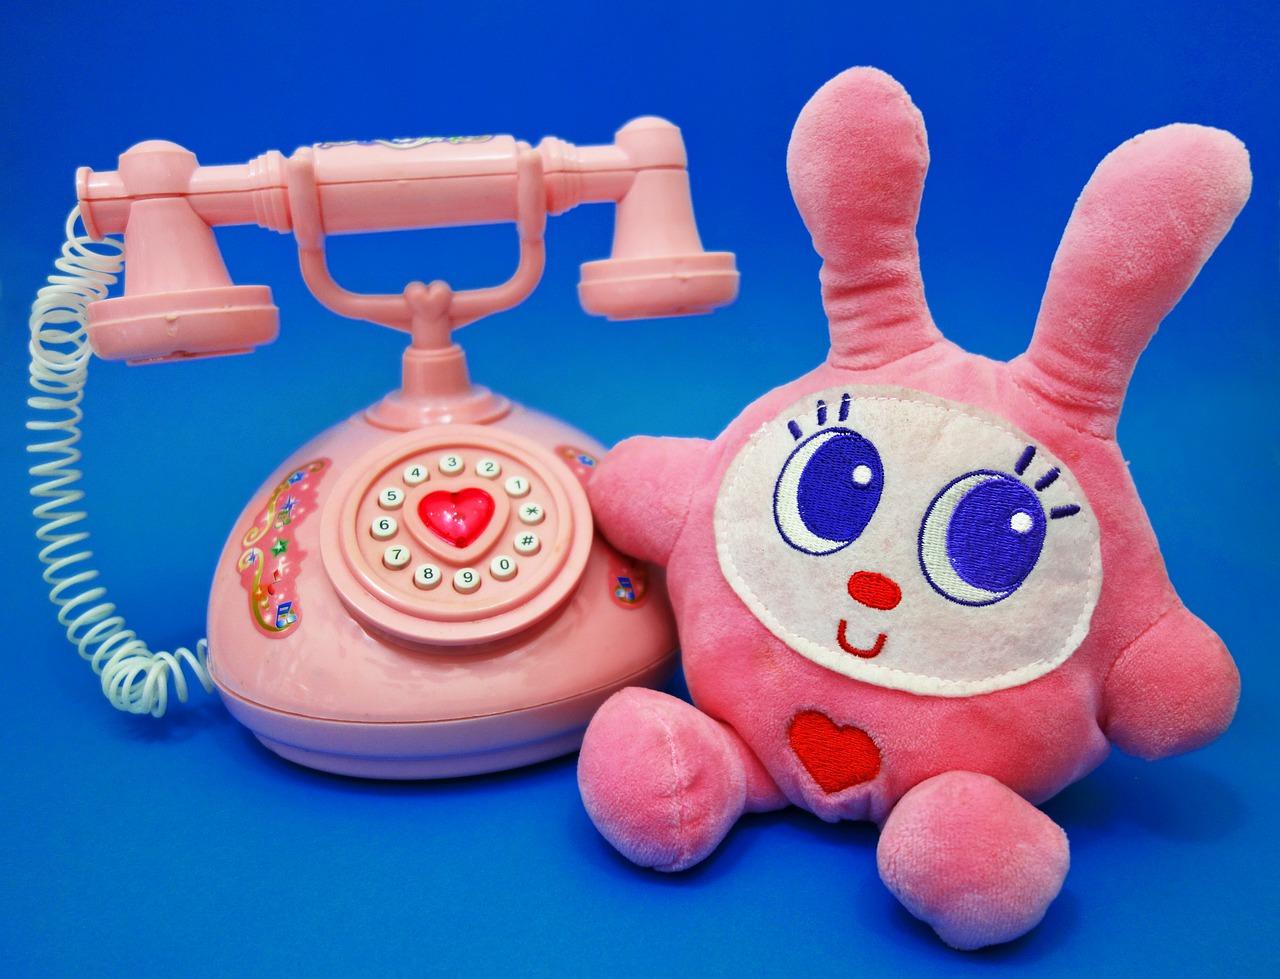 ピンクの電話の隣にウサギのぬいぐるみがある